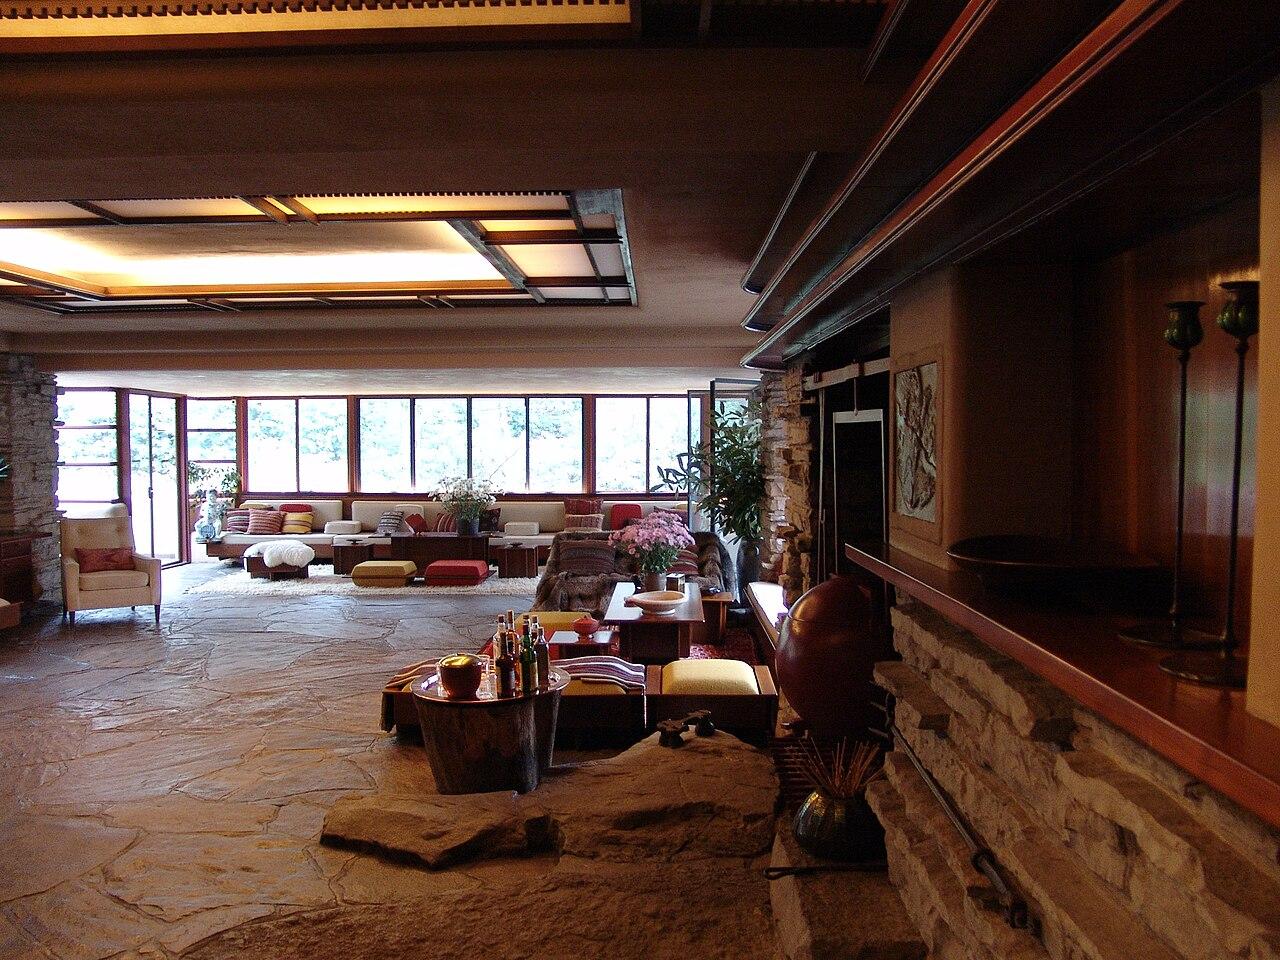 Frank Lloyd Wright - Fallingwater interior 7.JPG